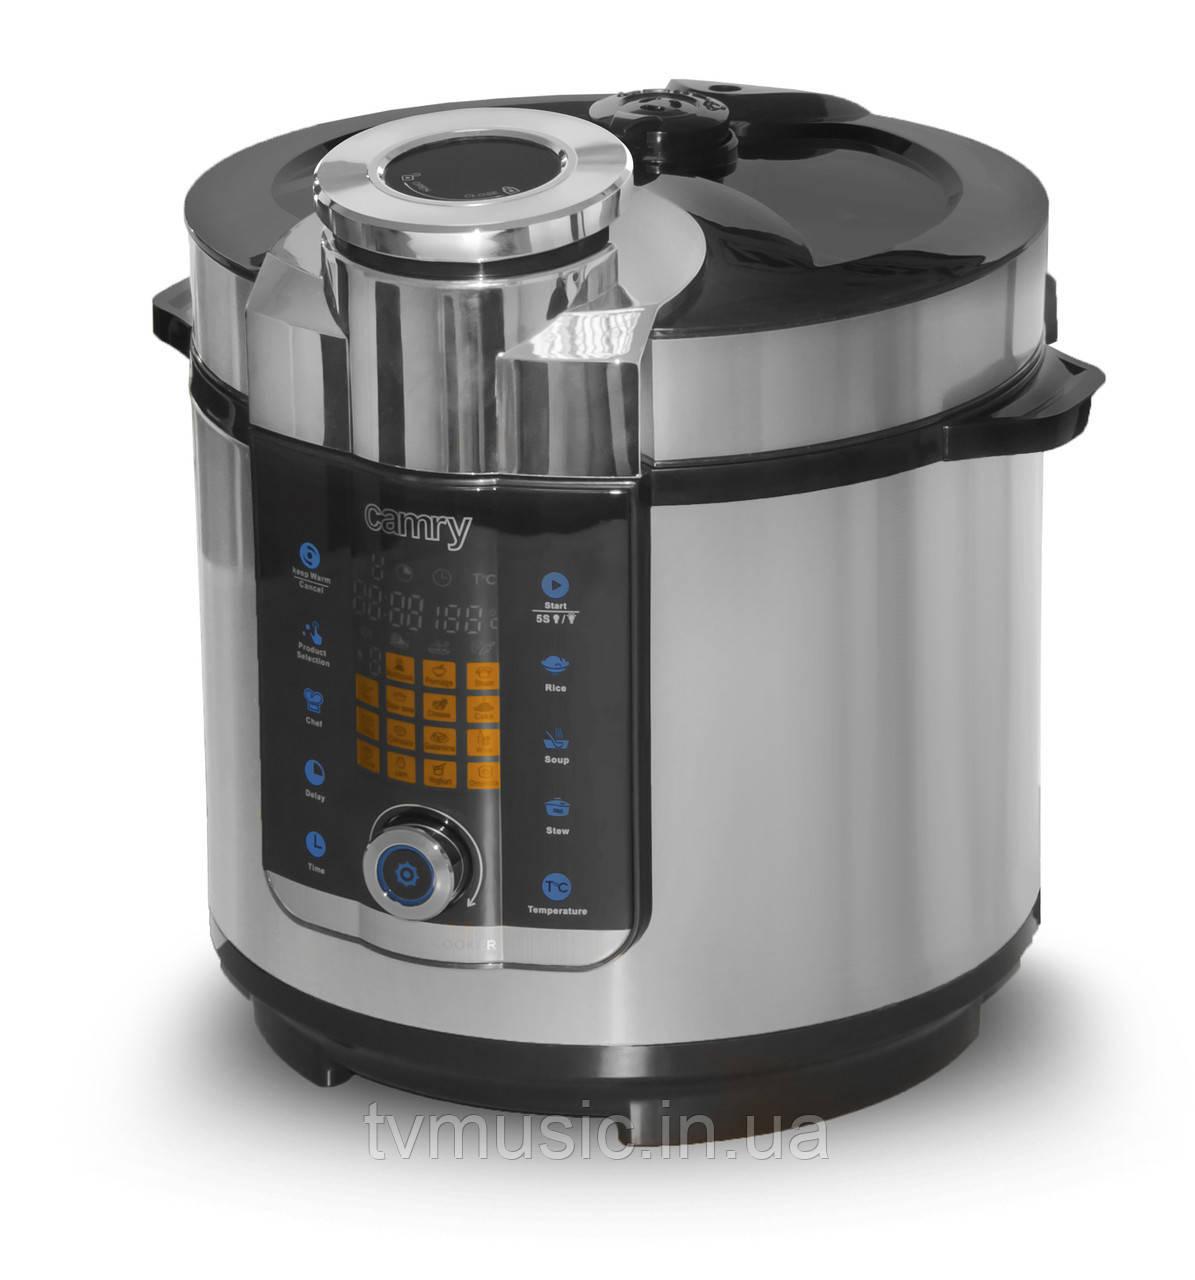 Мультиварка-скороварка Camry CR 6408